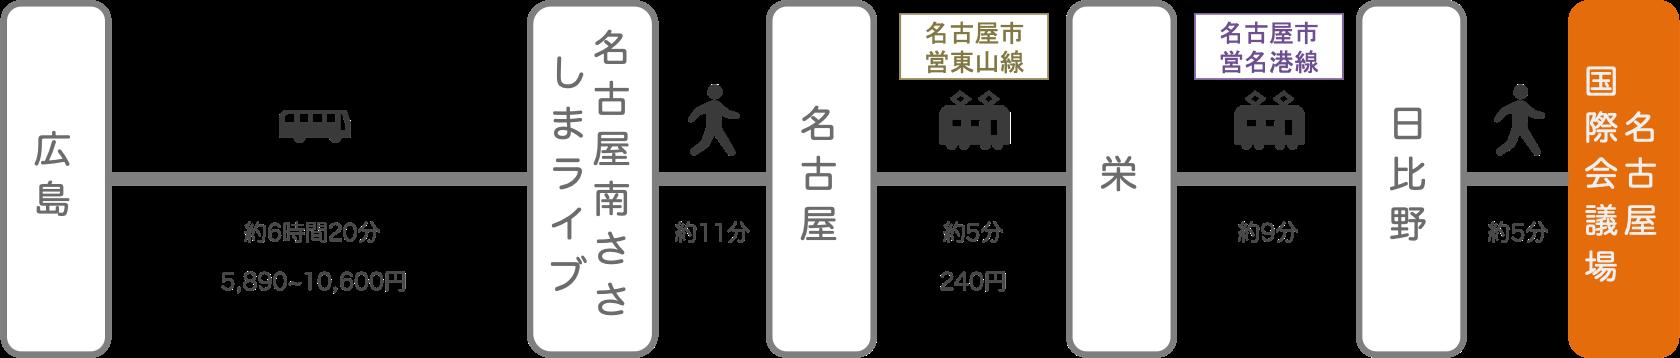 名古屋国際会議場_広島_高速バス